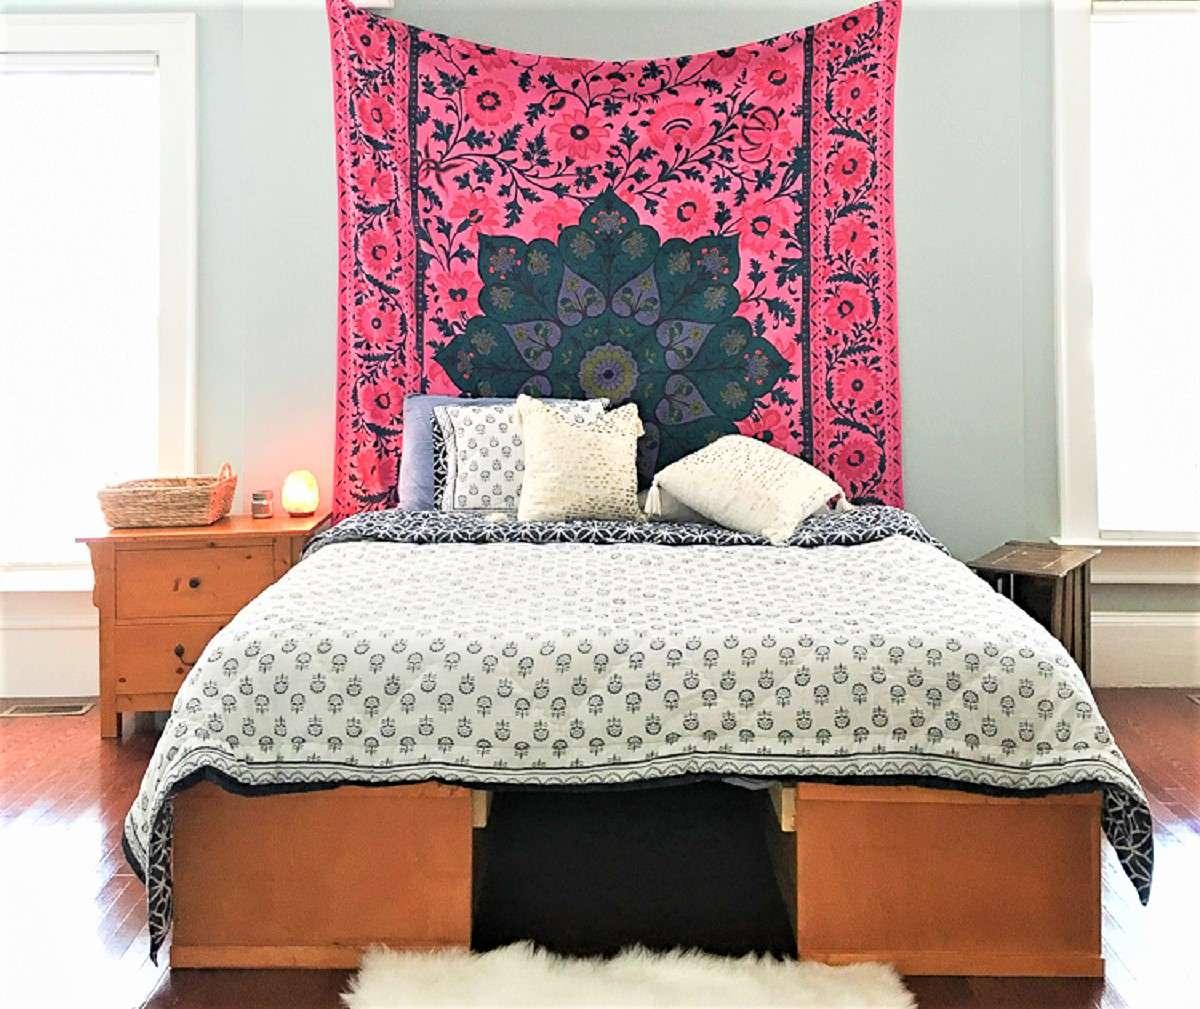 Tapiz brillante sobre la cama en este cambio de imagen de dormitorio